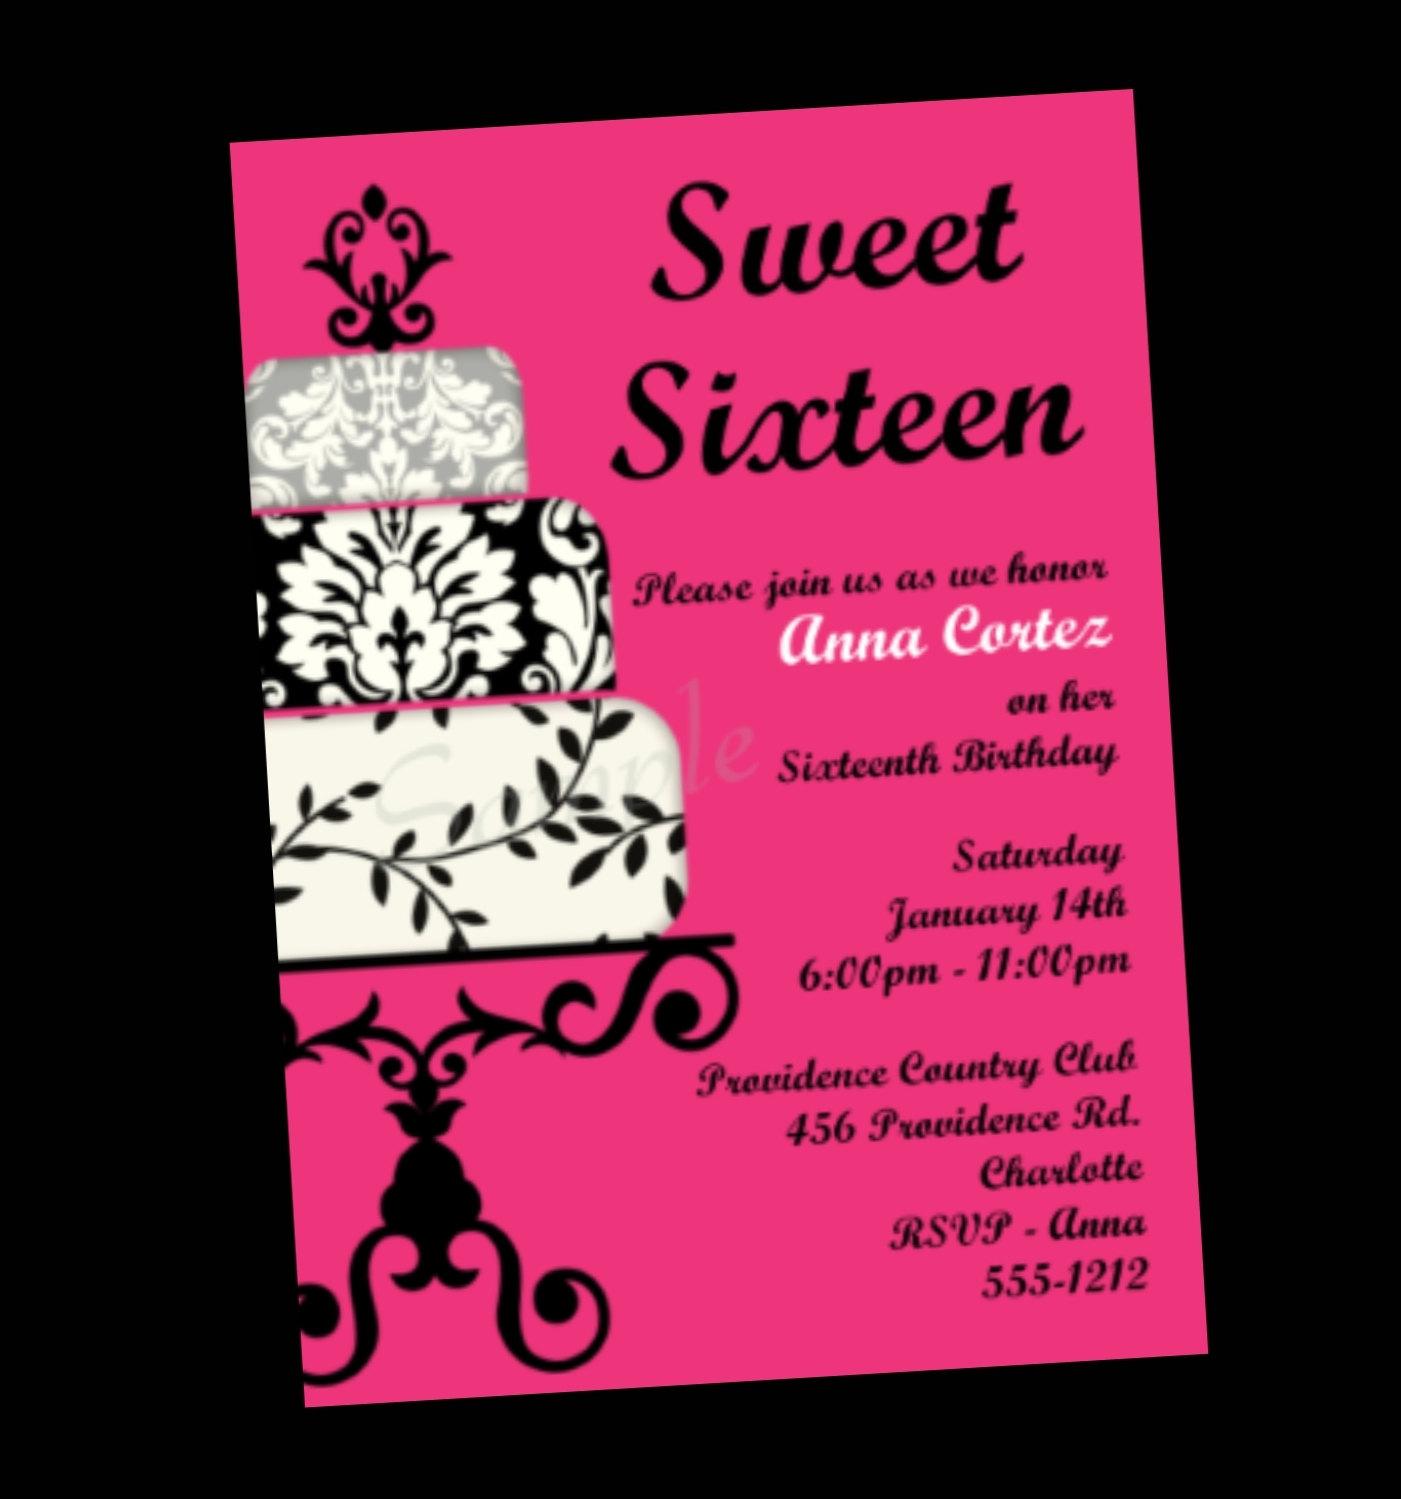 Sweet 16 Invitation Quotes. QuotesGram